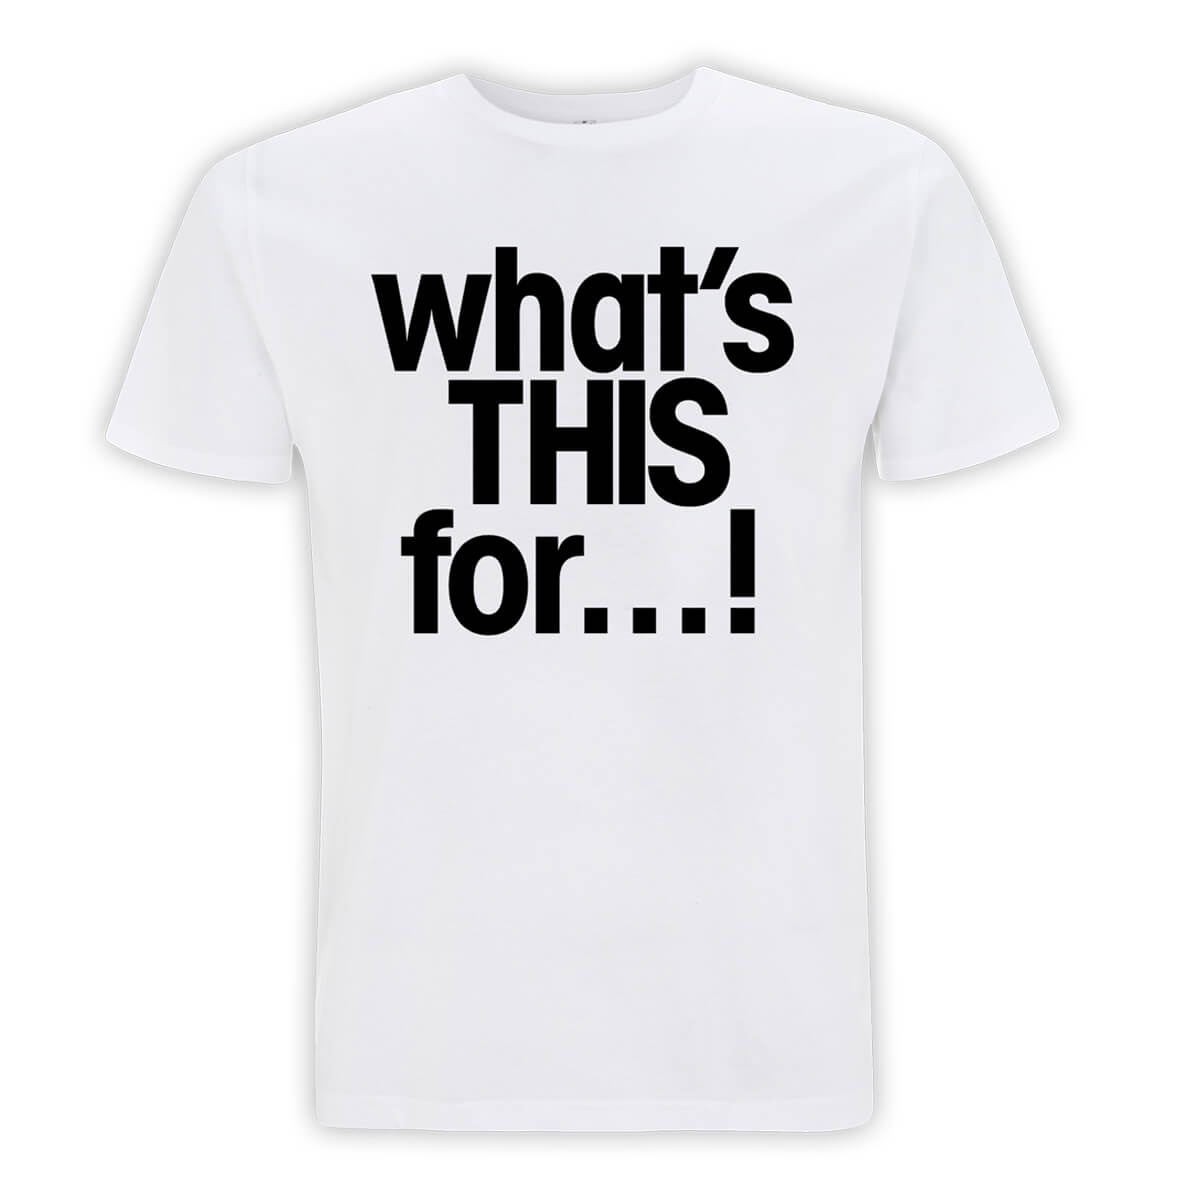 What's This For White T-Shirt - Killing Joke